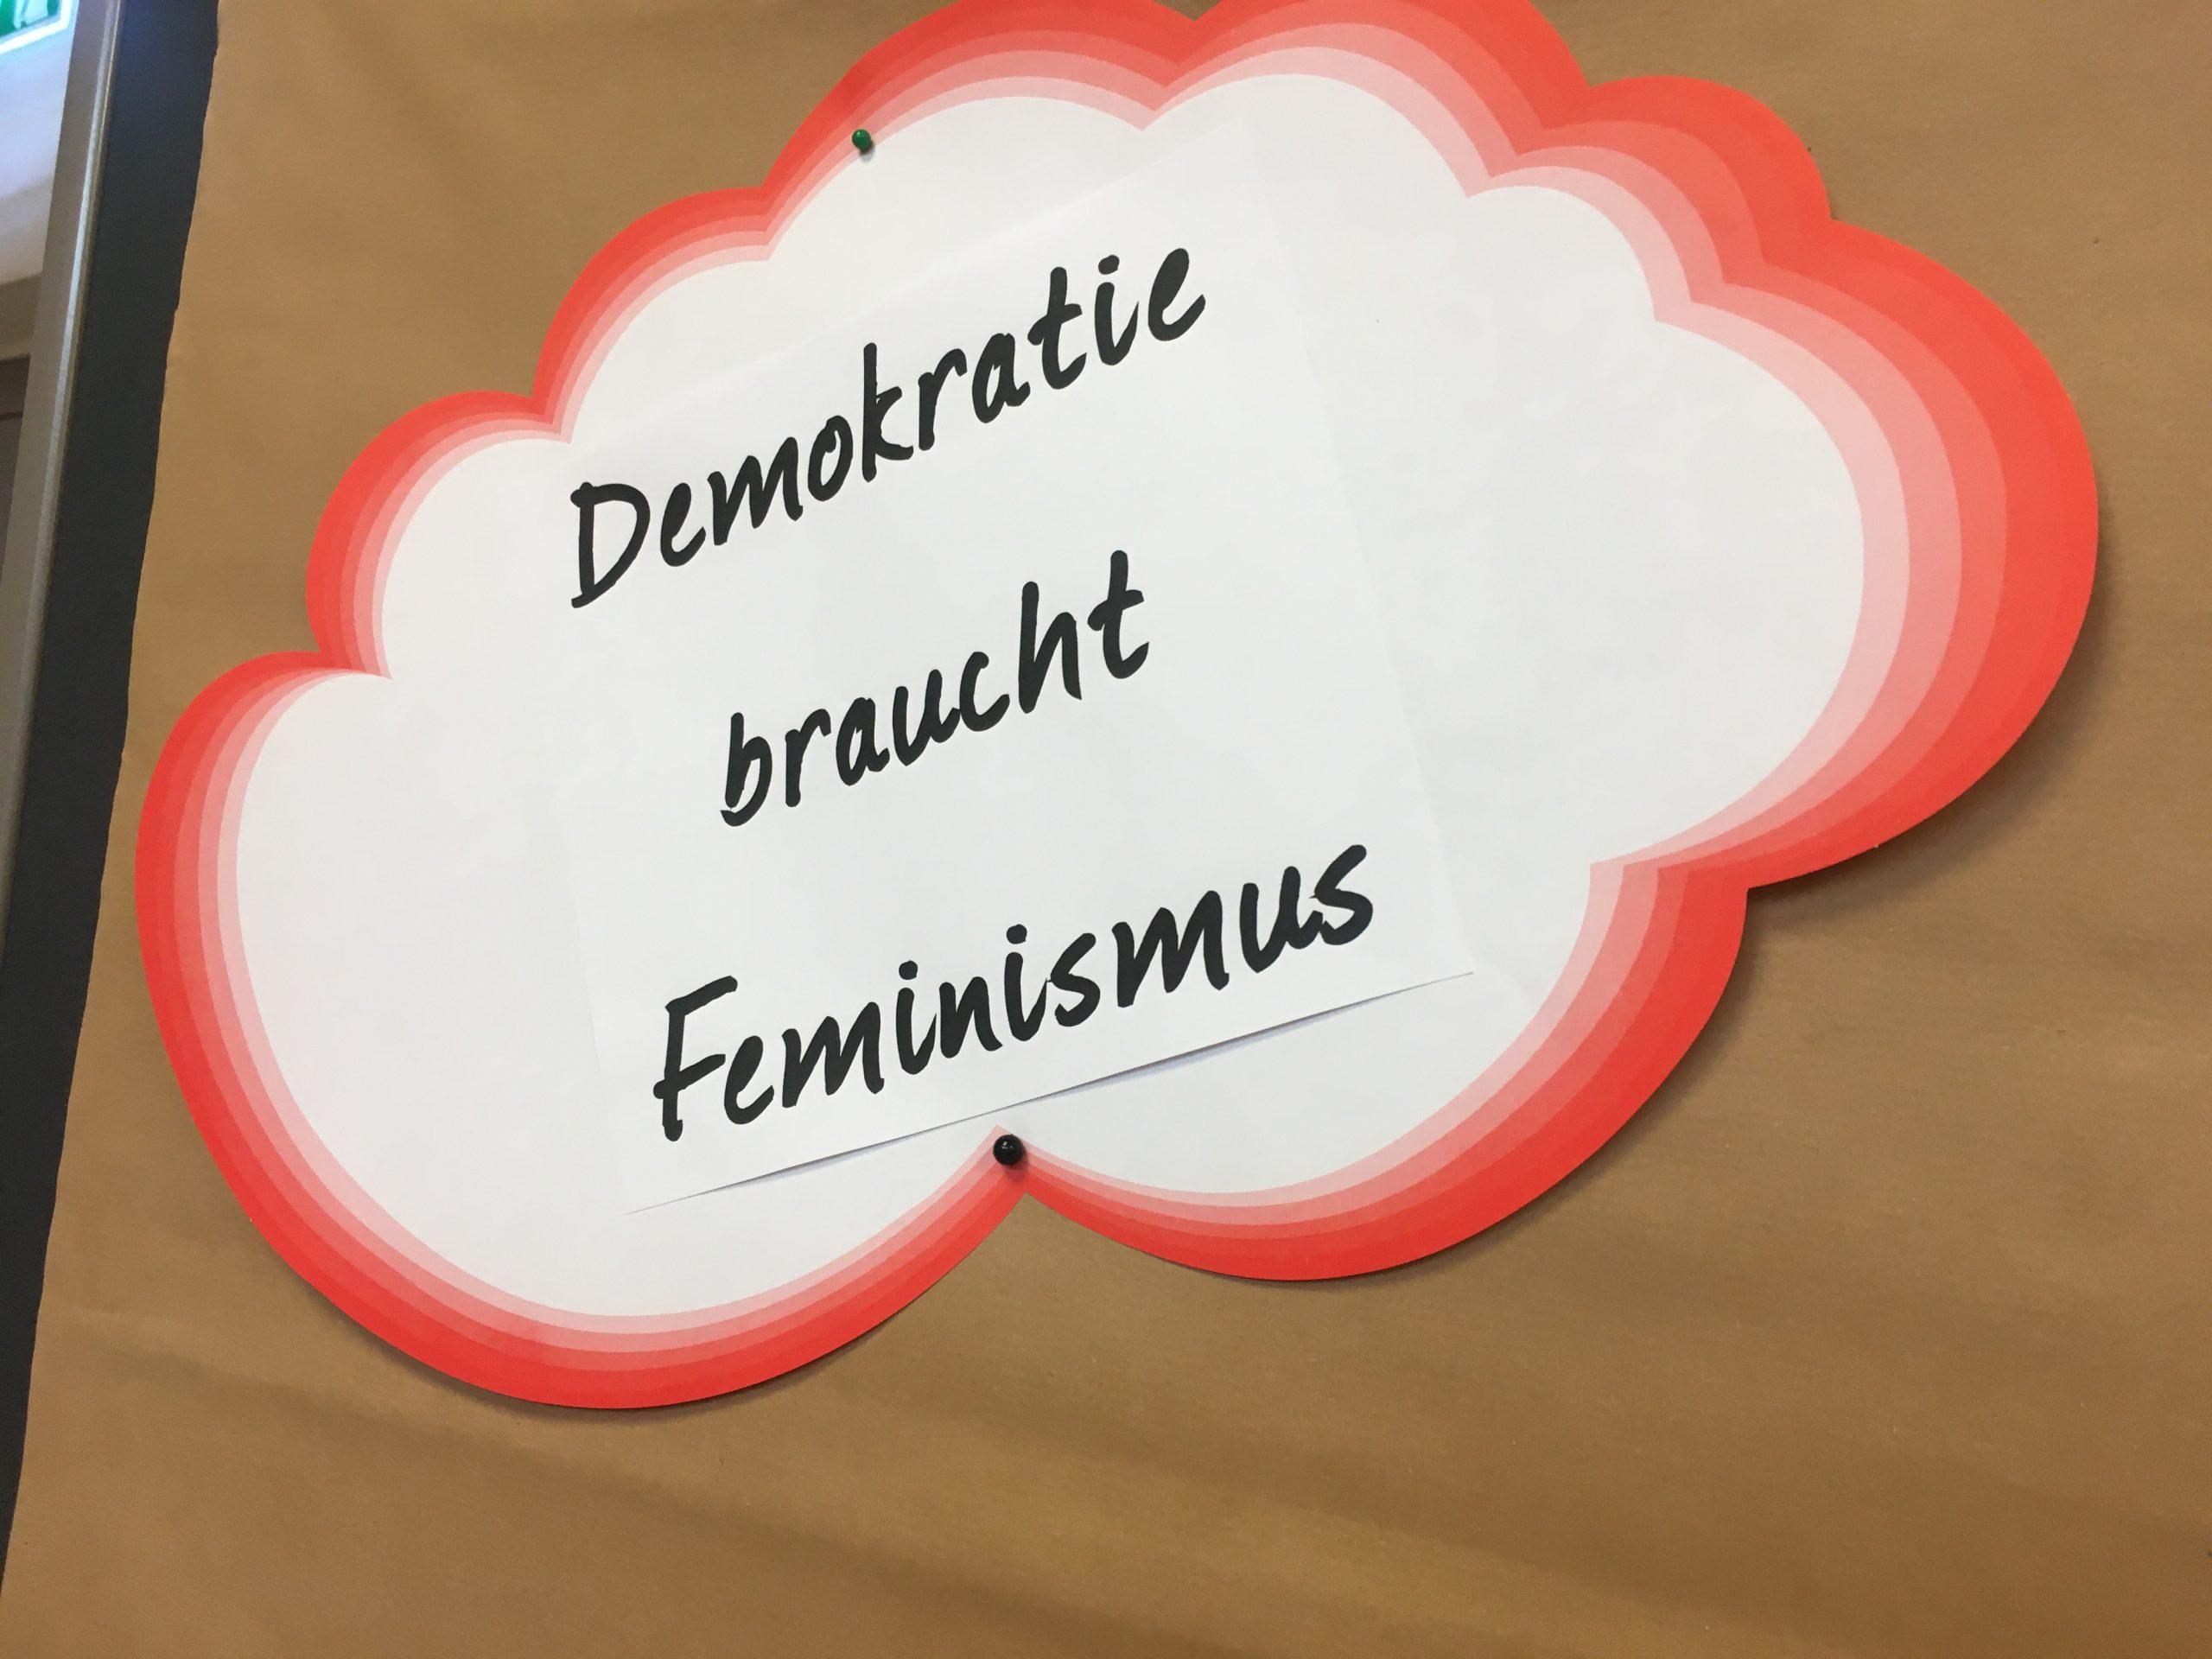 Demokratie braucht Feminismus